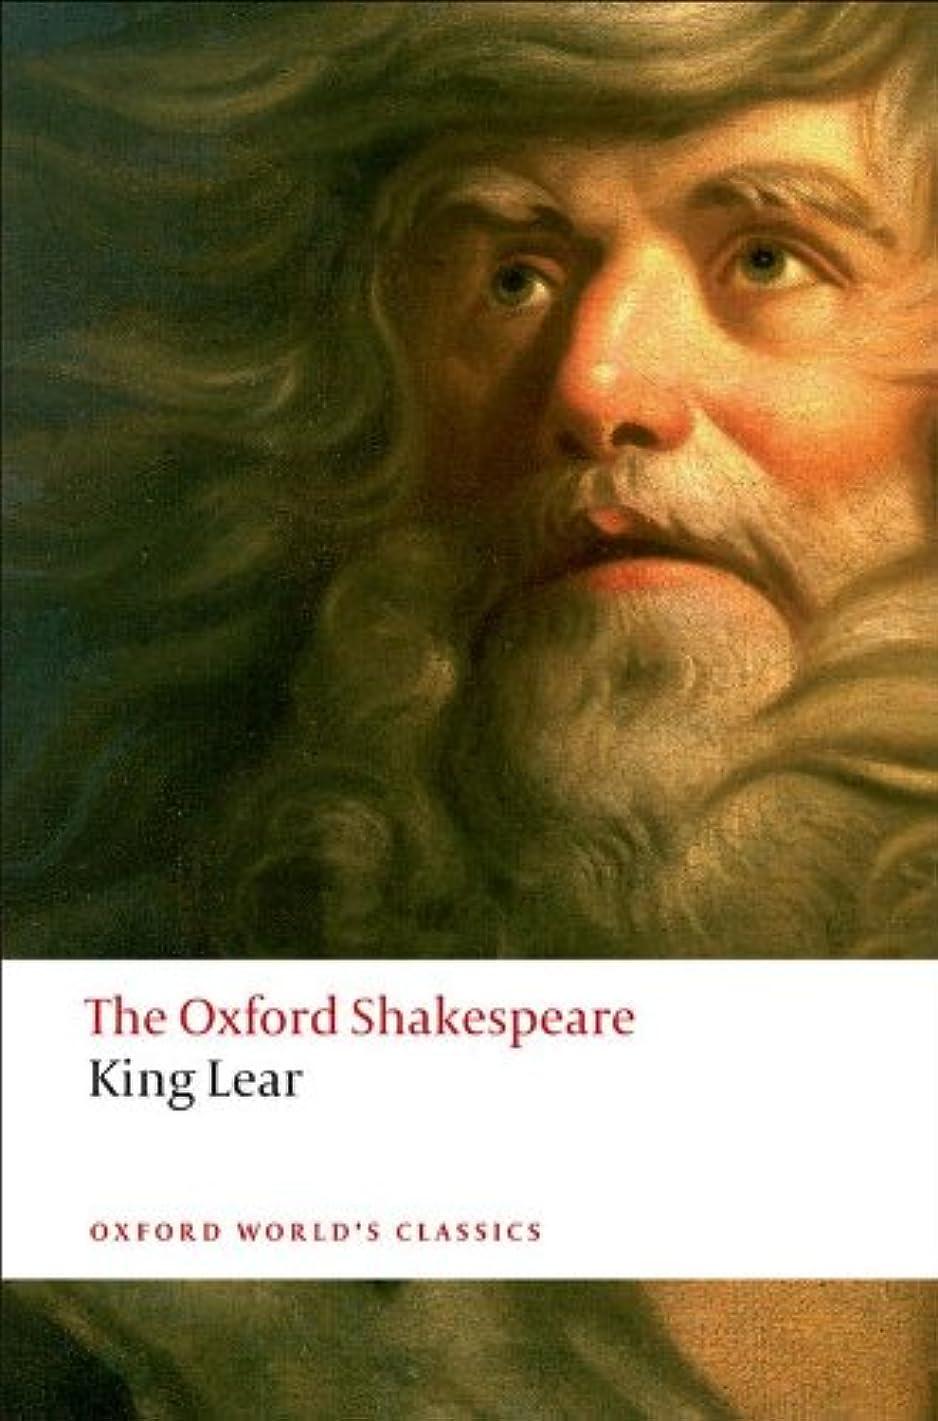 ベッドを作るけん引タクシーThe Oxford Shakespeare: The History of King Lear: The 1608 Quarto (English Edition)